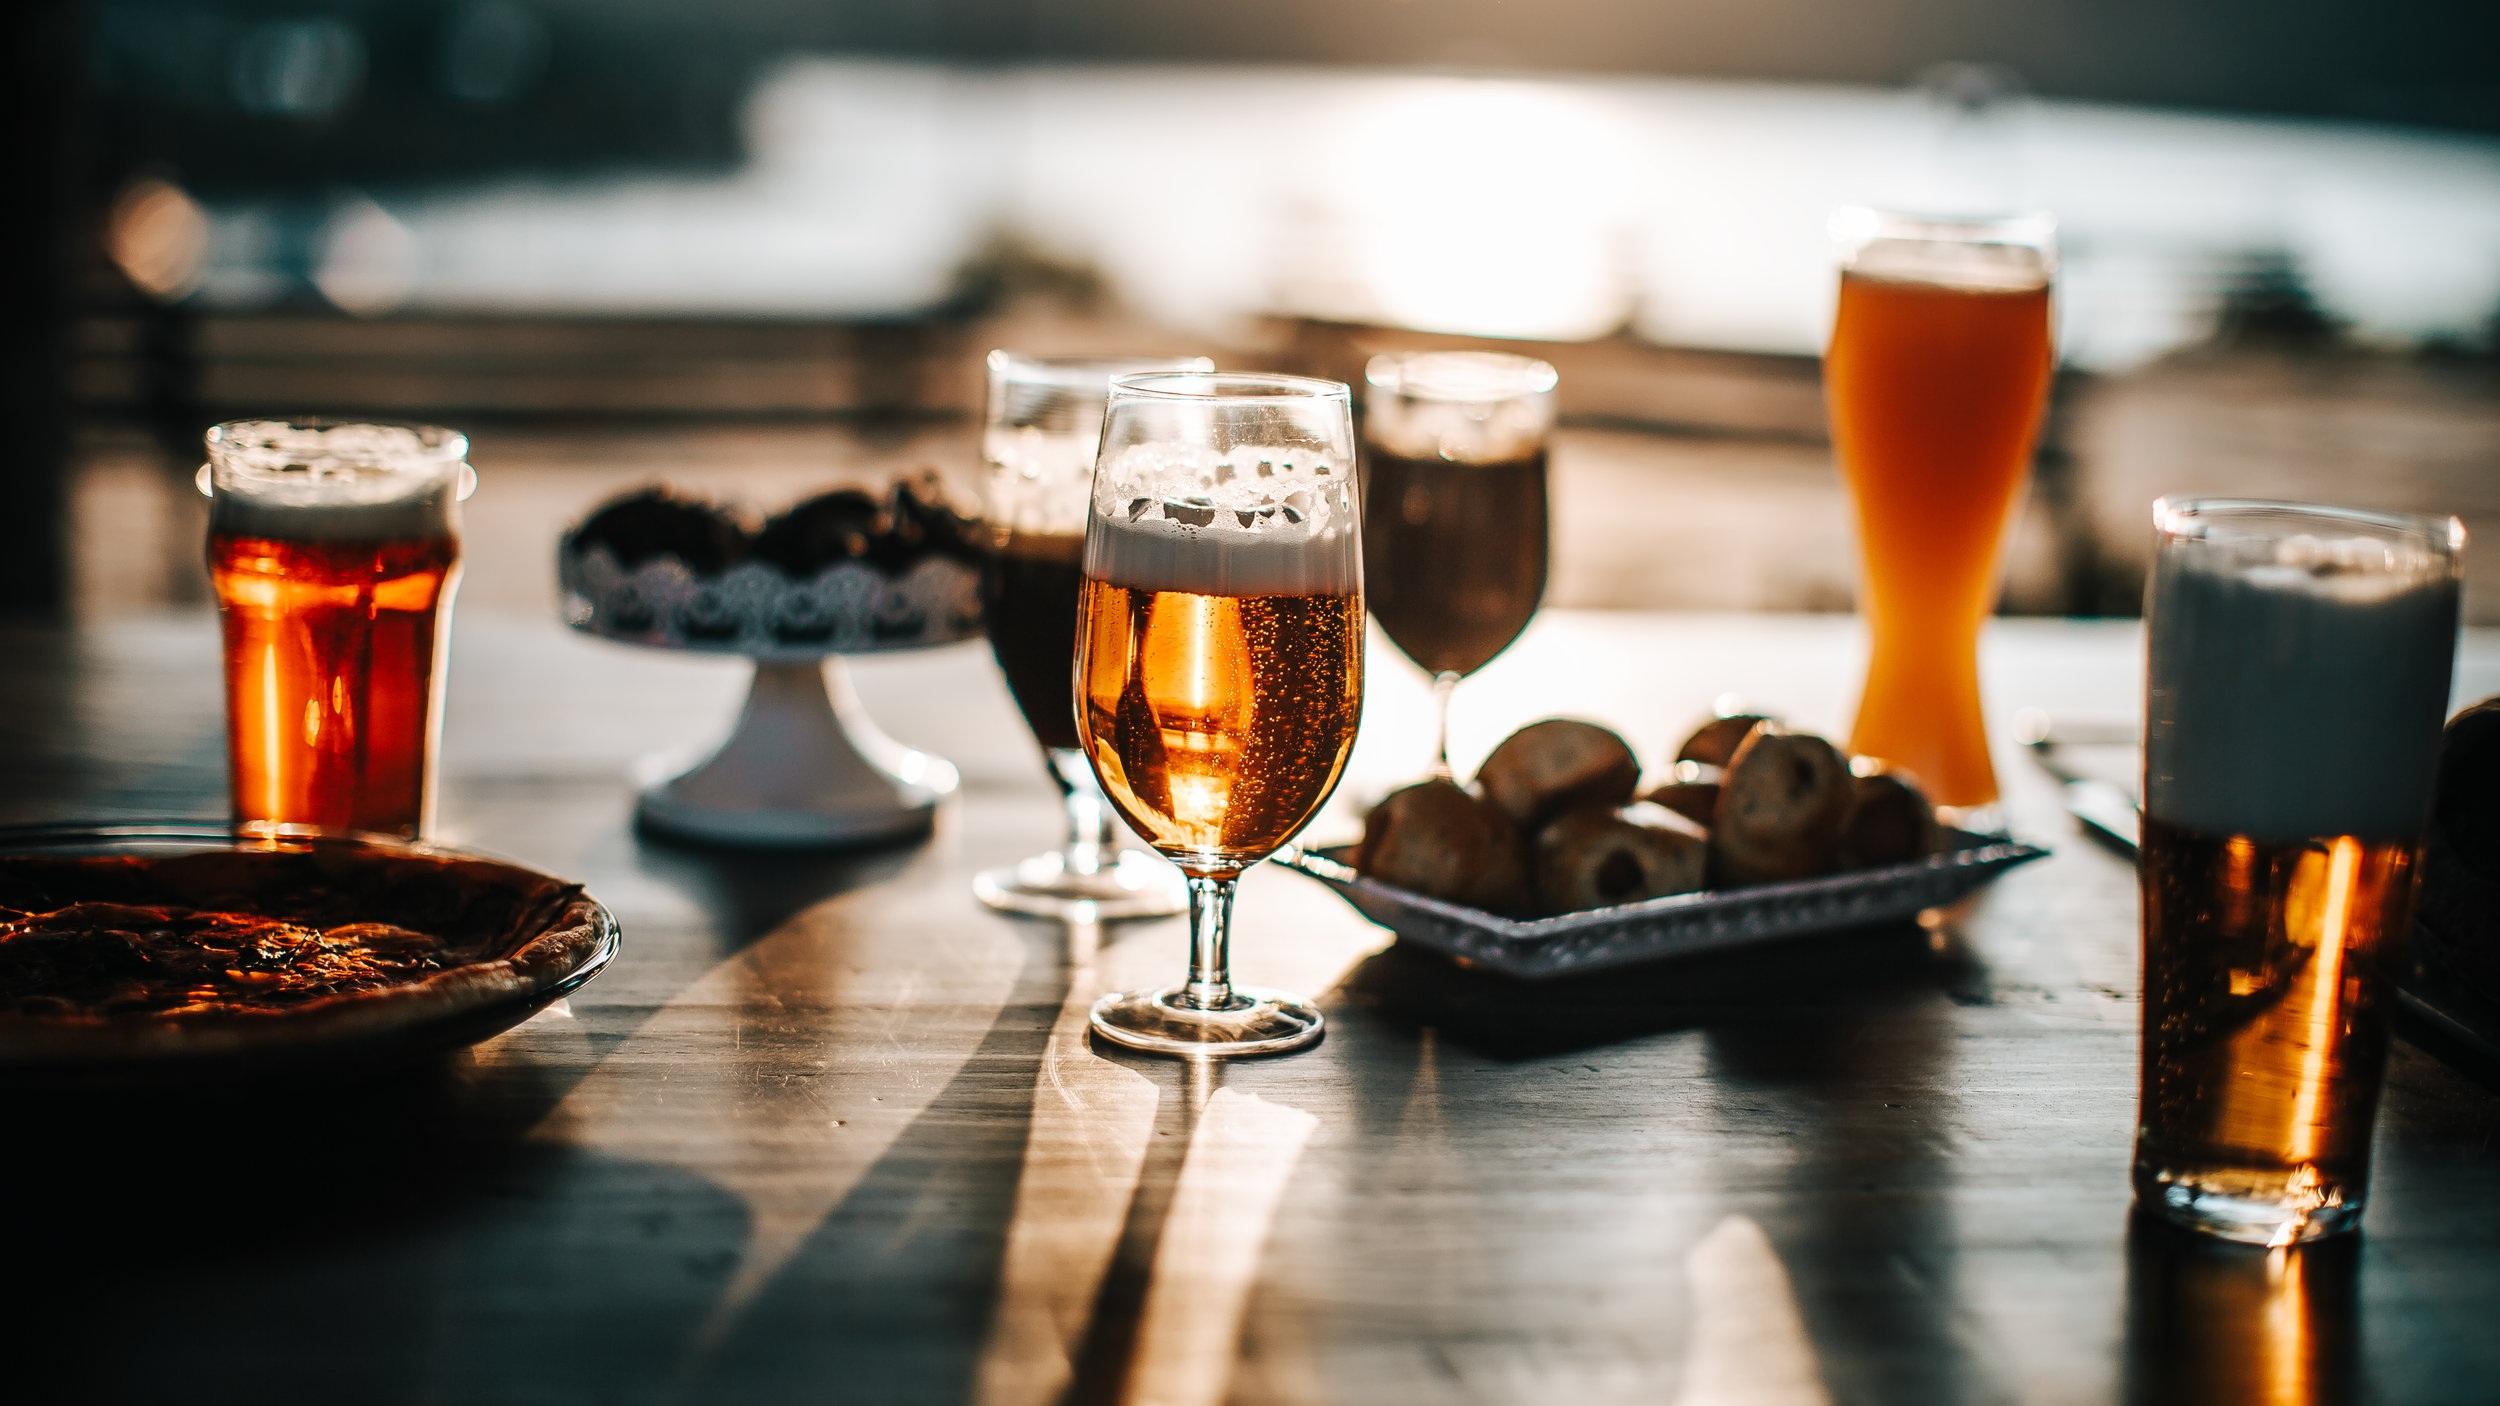 I Kanada är öl omåttligt populärt  och det finns en hel drös med mikrobryggerier i och runt staden Montreal. Molson och Labatts är landets två största bryggerier och de mest säljande ölsorterna. En utflykt till ett av bryggerierna kan vara ett bra tillskott på din resa till Montreal.